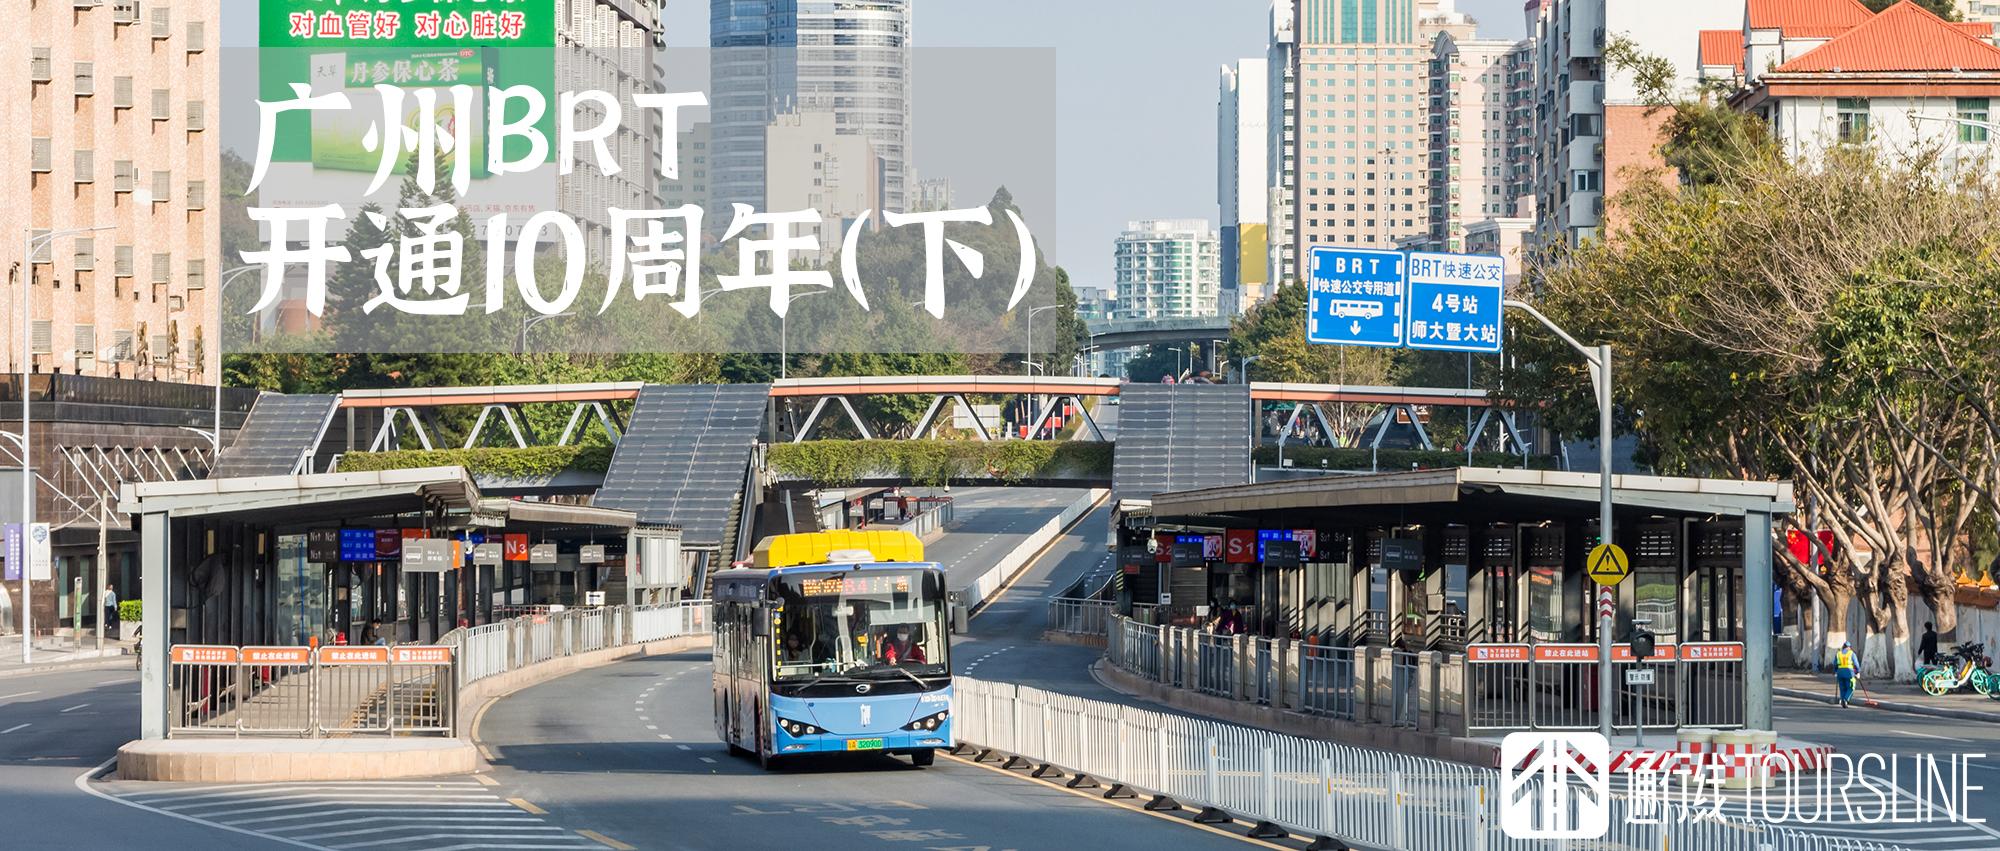 昨日之功臣,明日之黄花? ——广州快速公交GBRT十年记(下)